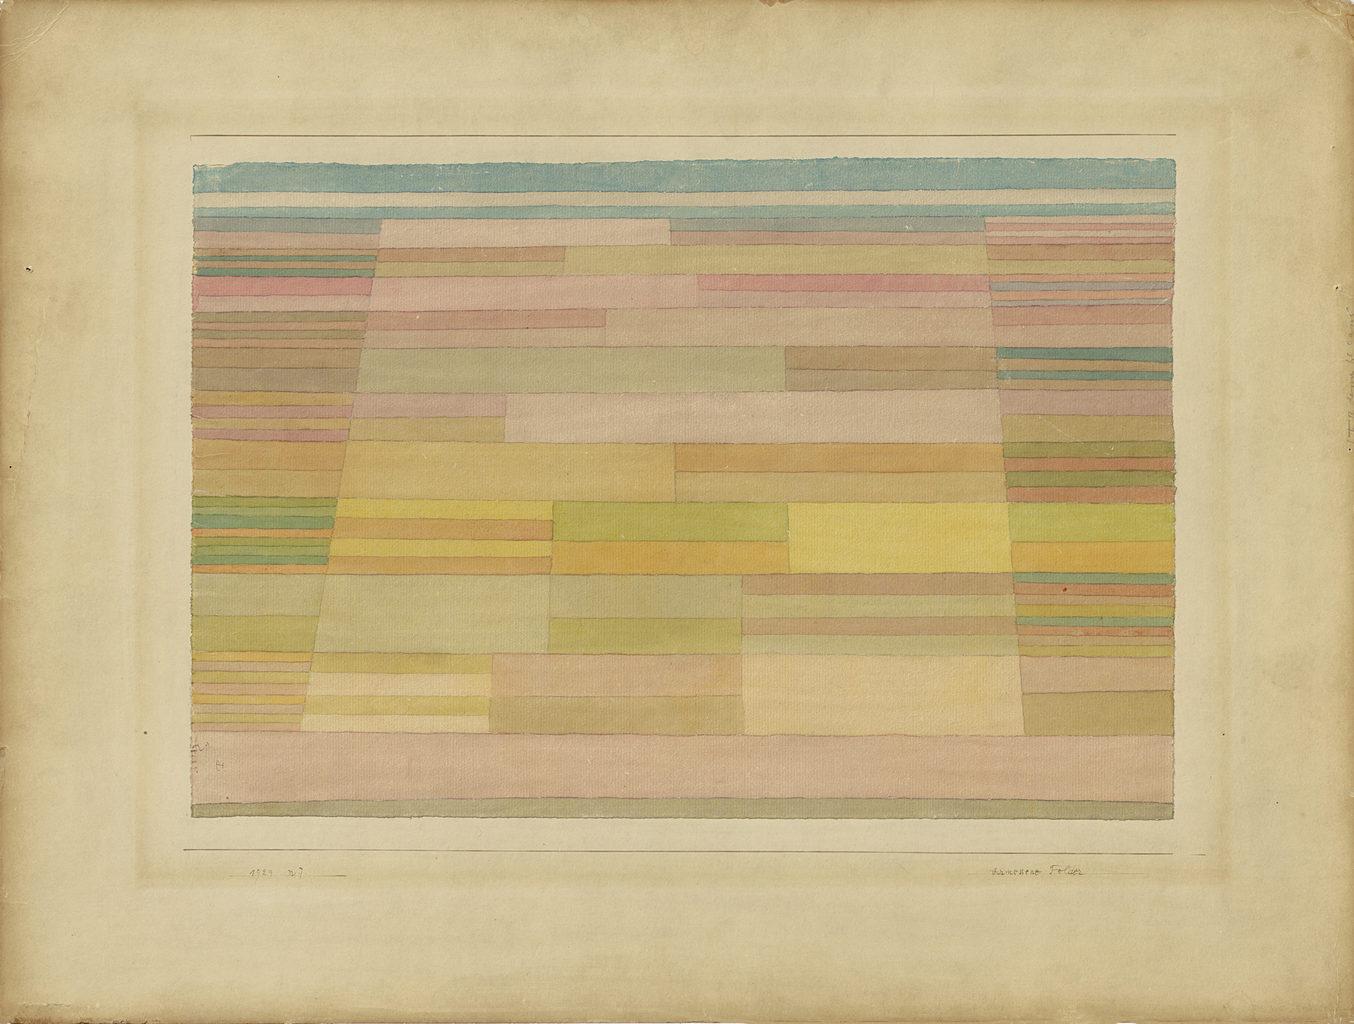 Het schilderij Vermessene Felder van Paul Klee zoals je het kan bekijken in het Museum Berggruen in Berlijn